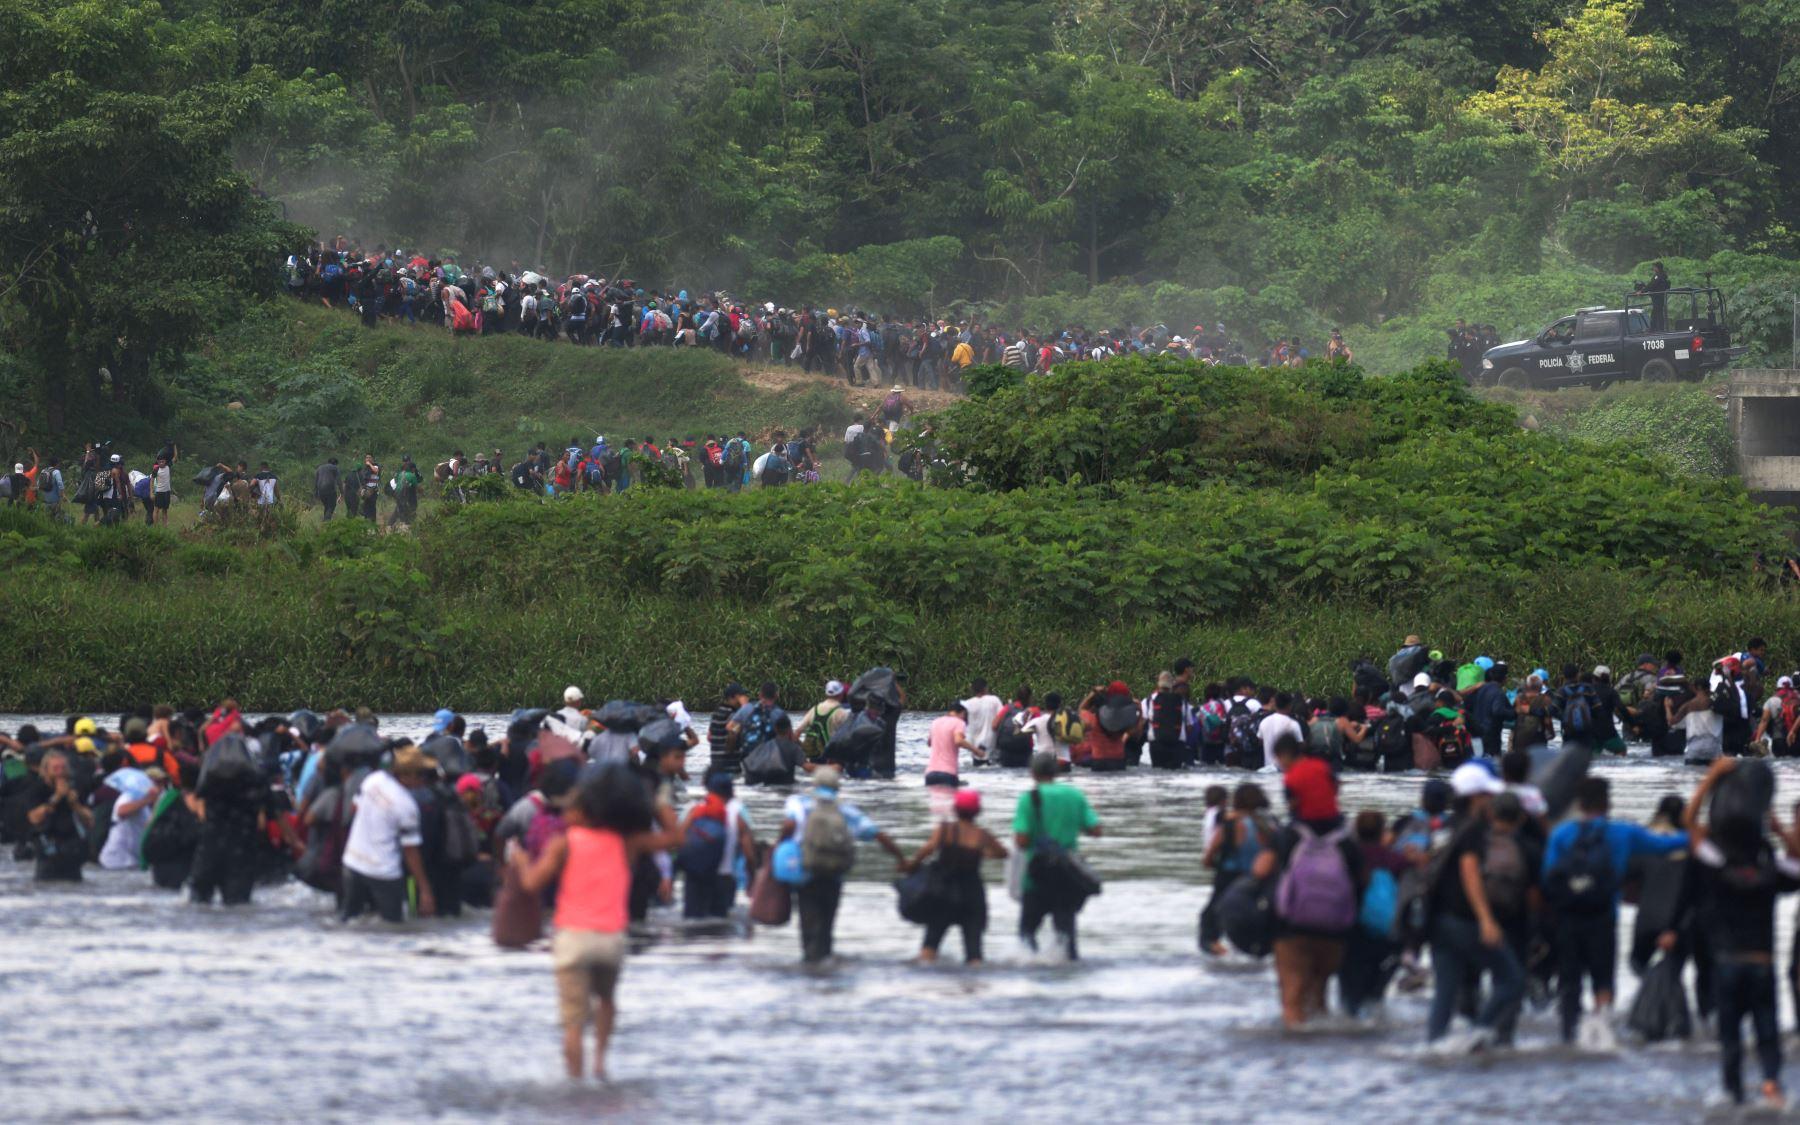 Caravana de migrantes Foto: AFP